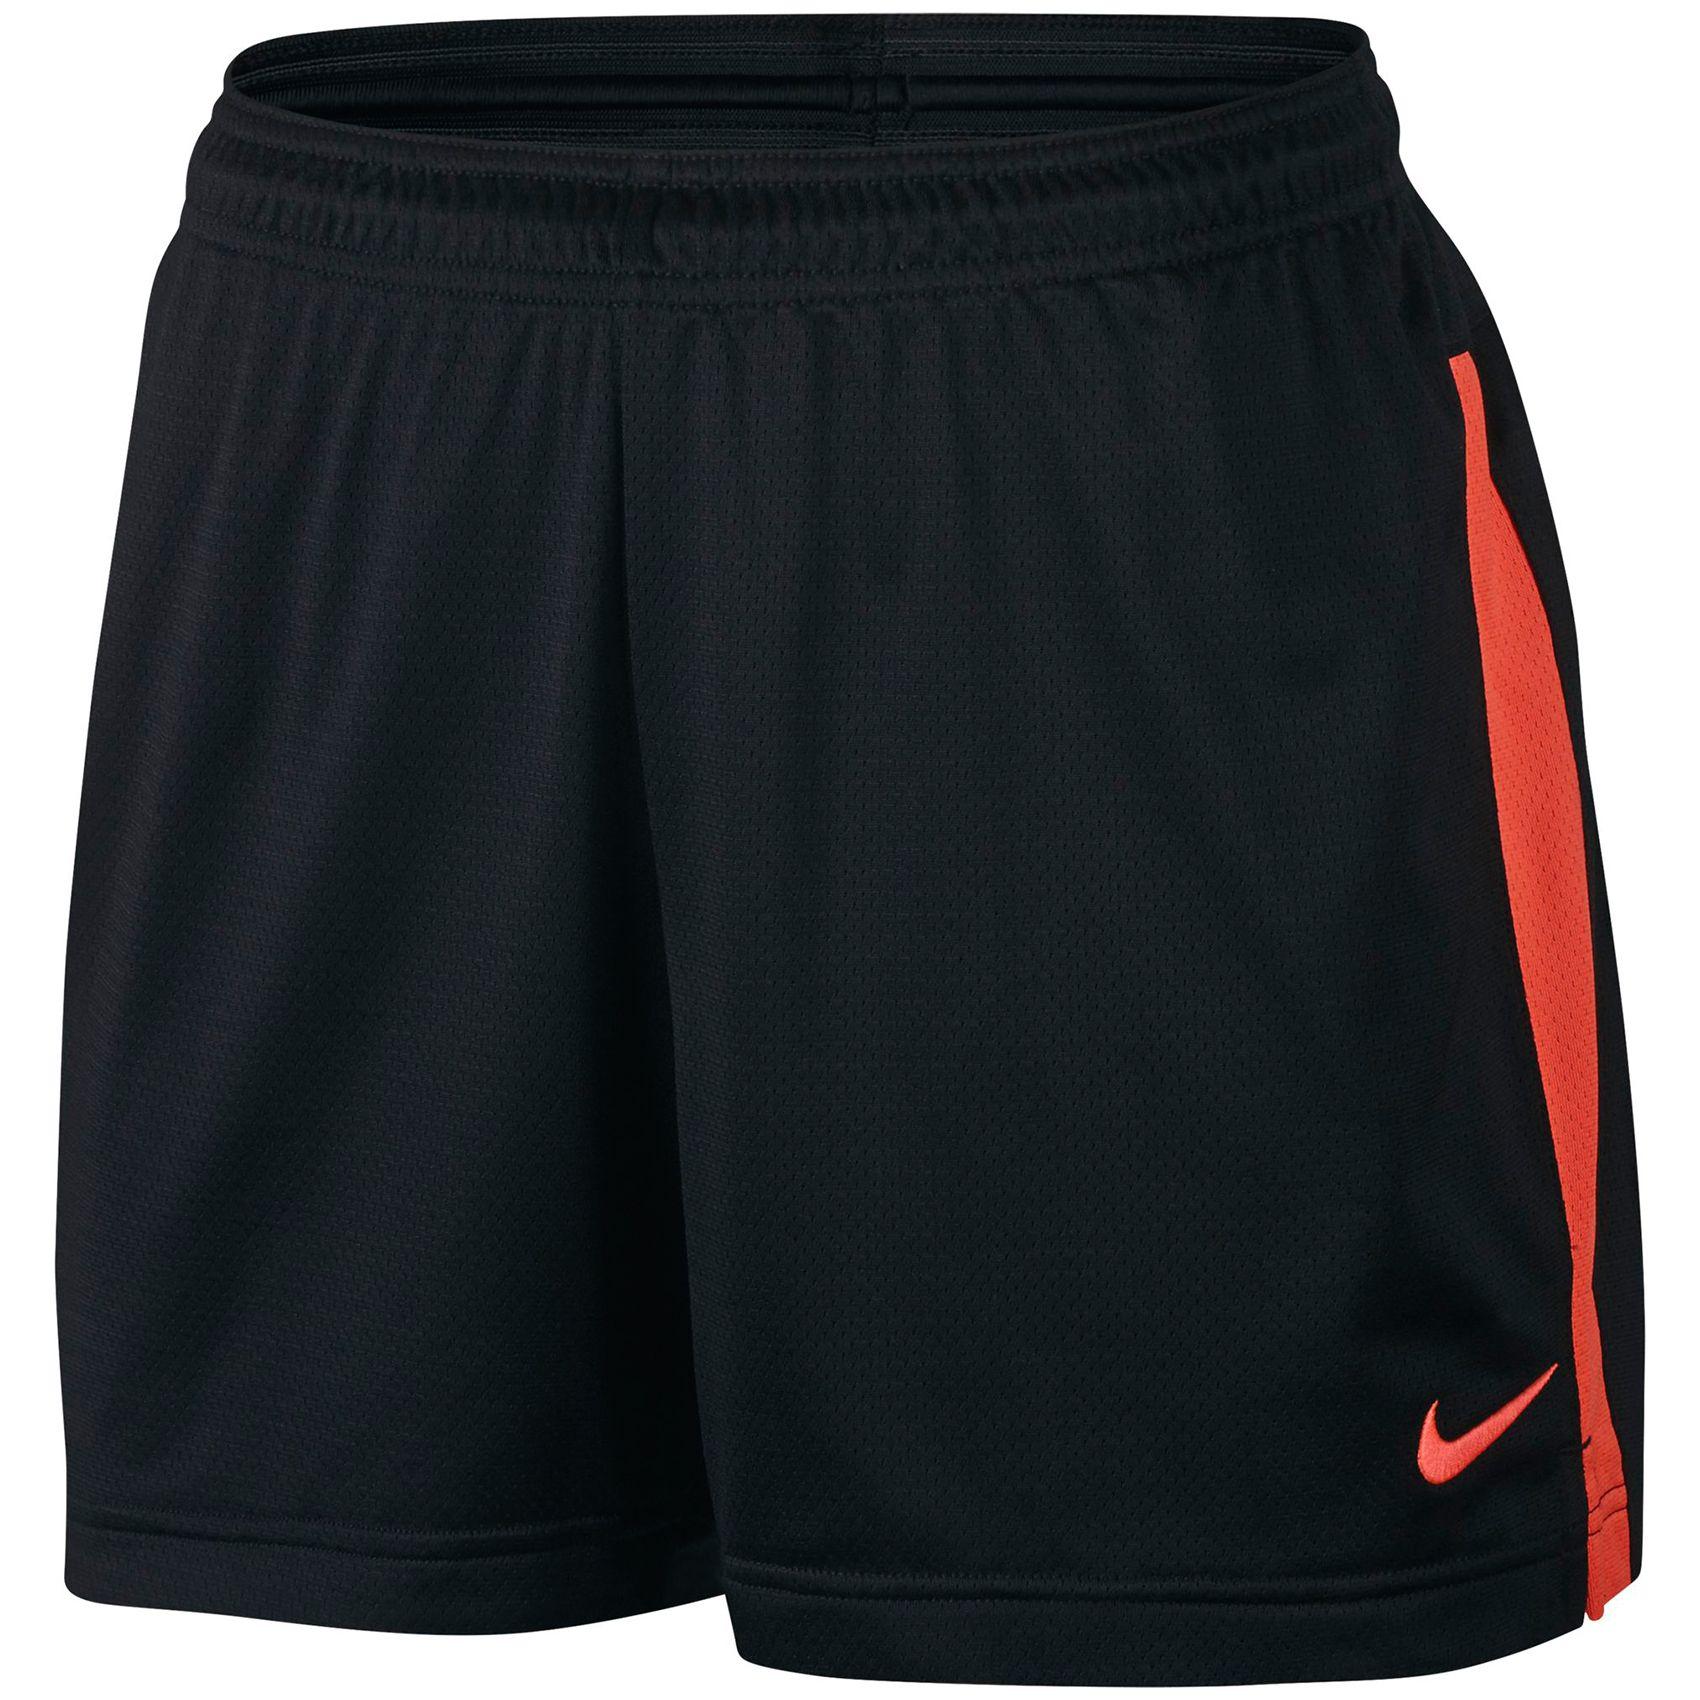 achats en ligne pour pas cher Nike Dri-fit Short De Football Tricot Maille Académie - Femmes vente énorme surprise sneakernews libre d'expédition WRAoqfz